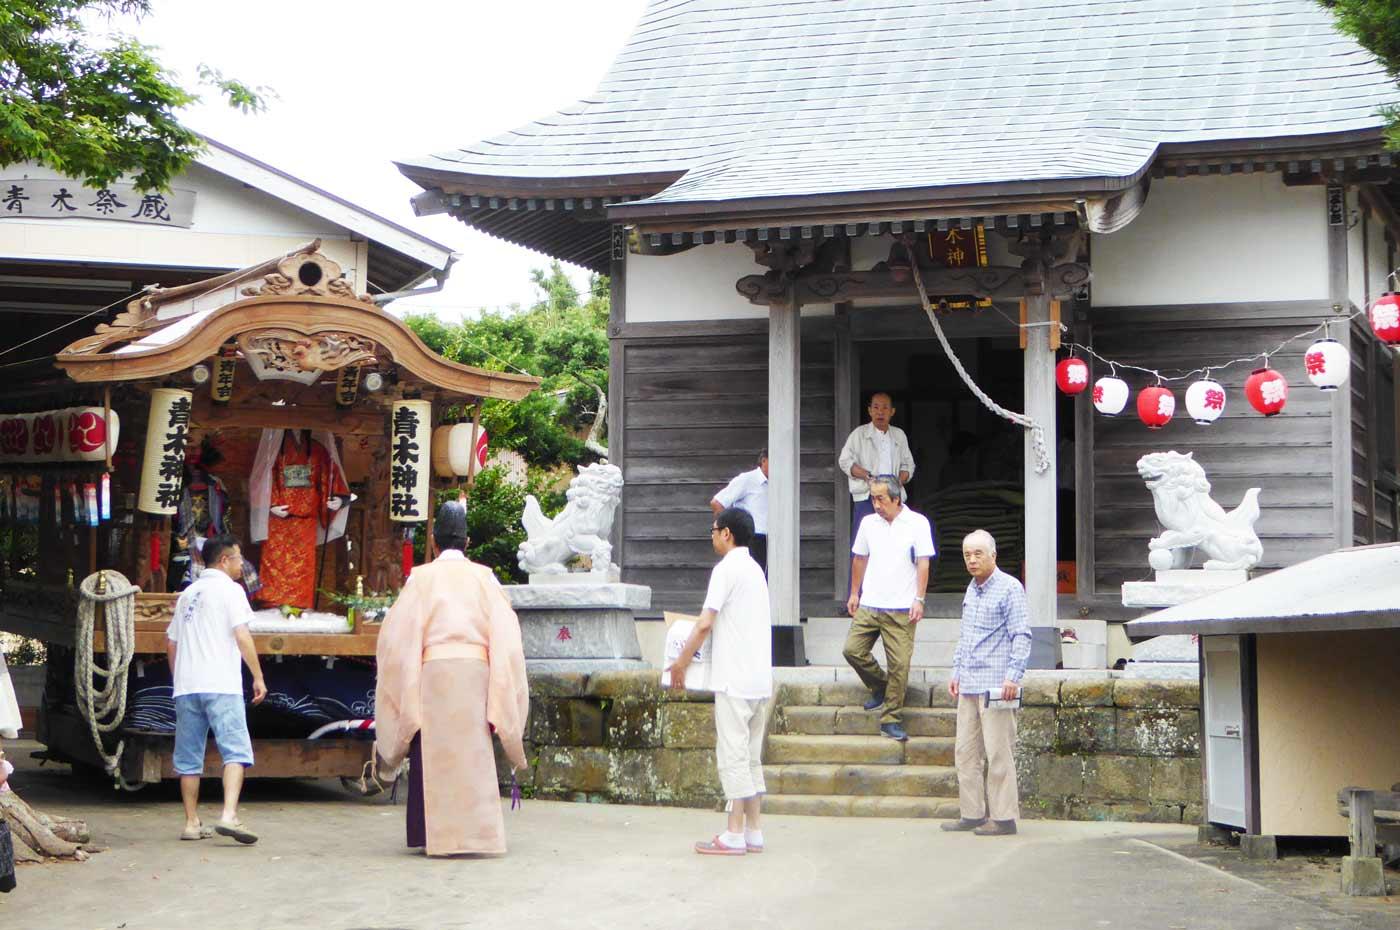 青木神社の祭礼の屋台の画像